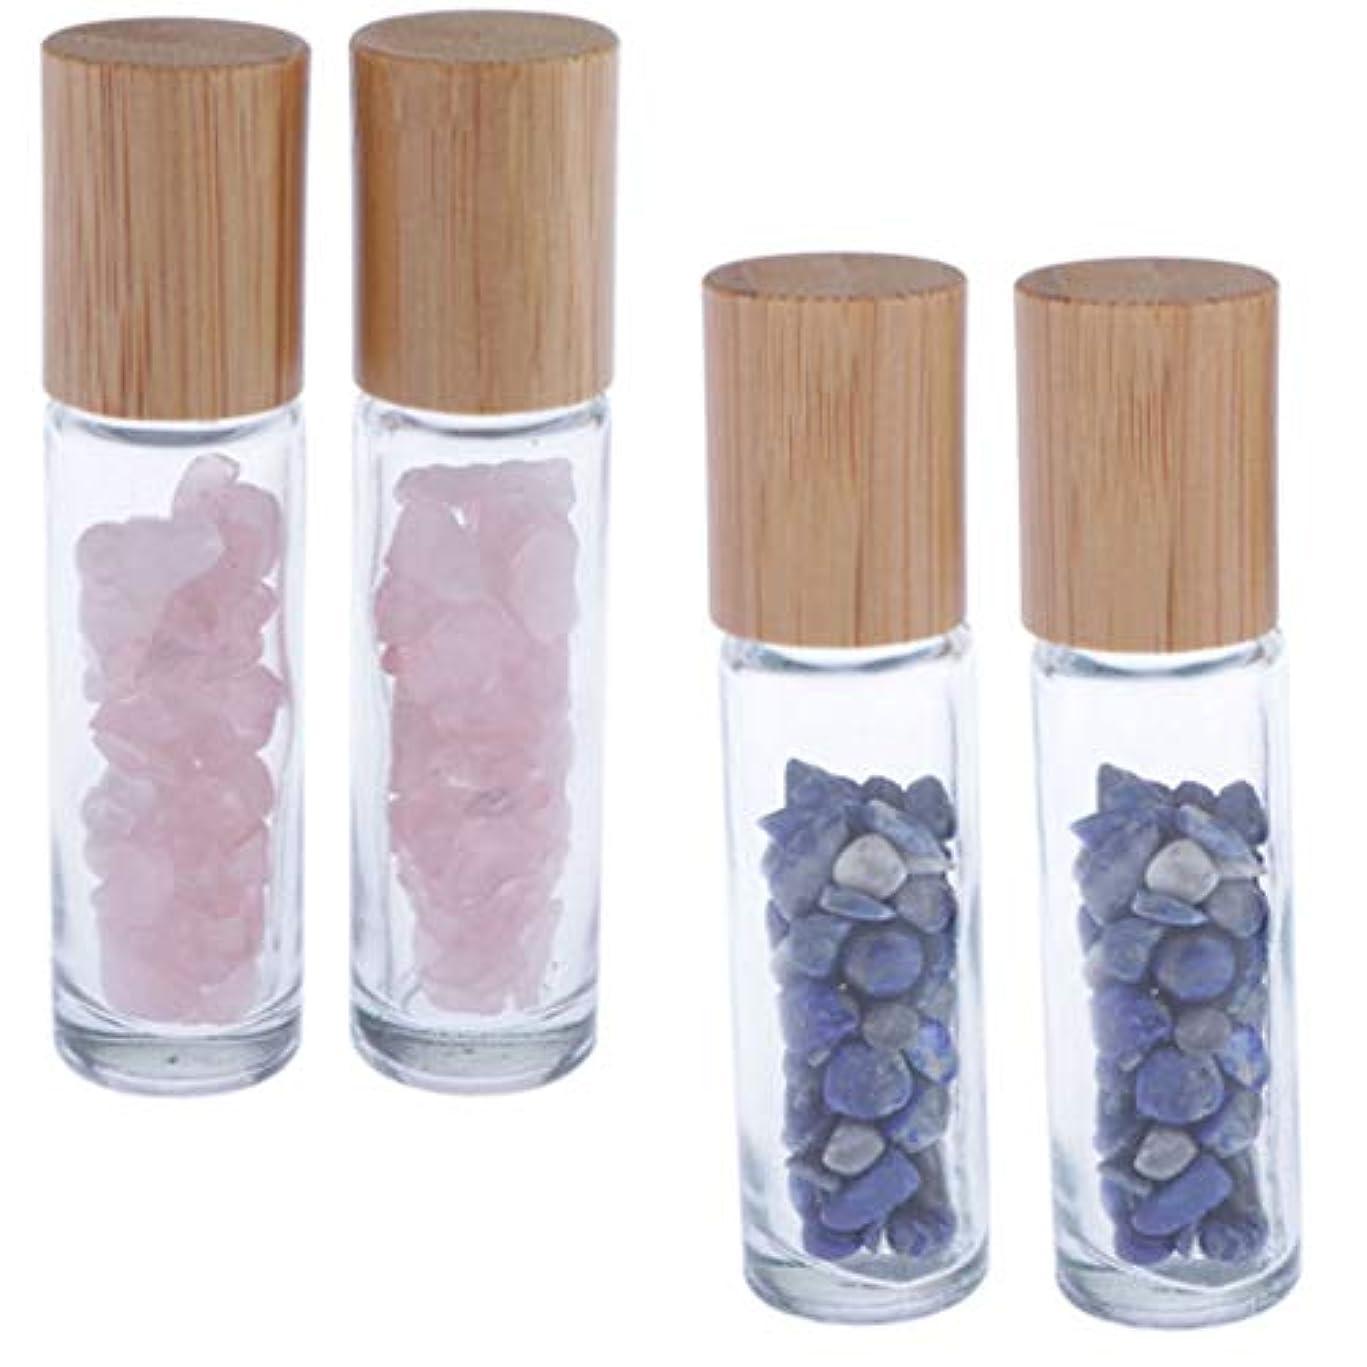 レンド範囲単位香水 ロールオン アトマイザー 小分け ガラスボトル 詰め替え エッセンシャルオイルボトル